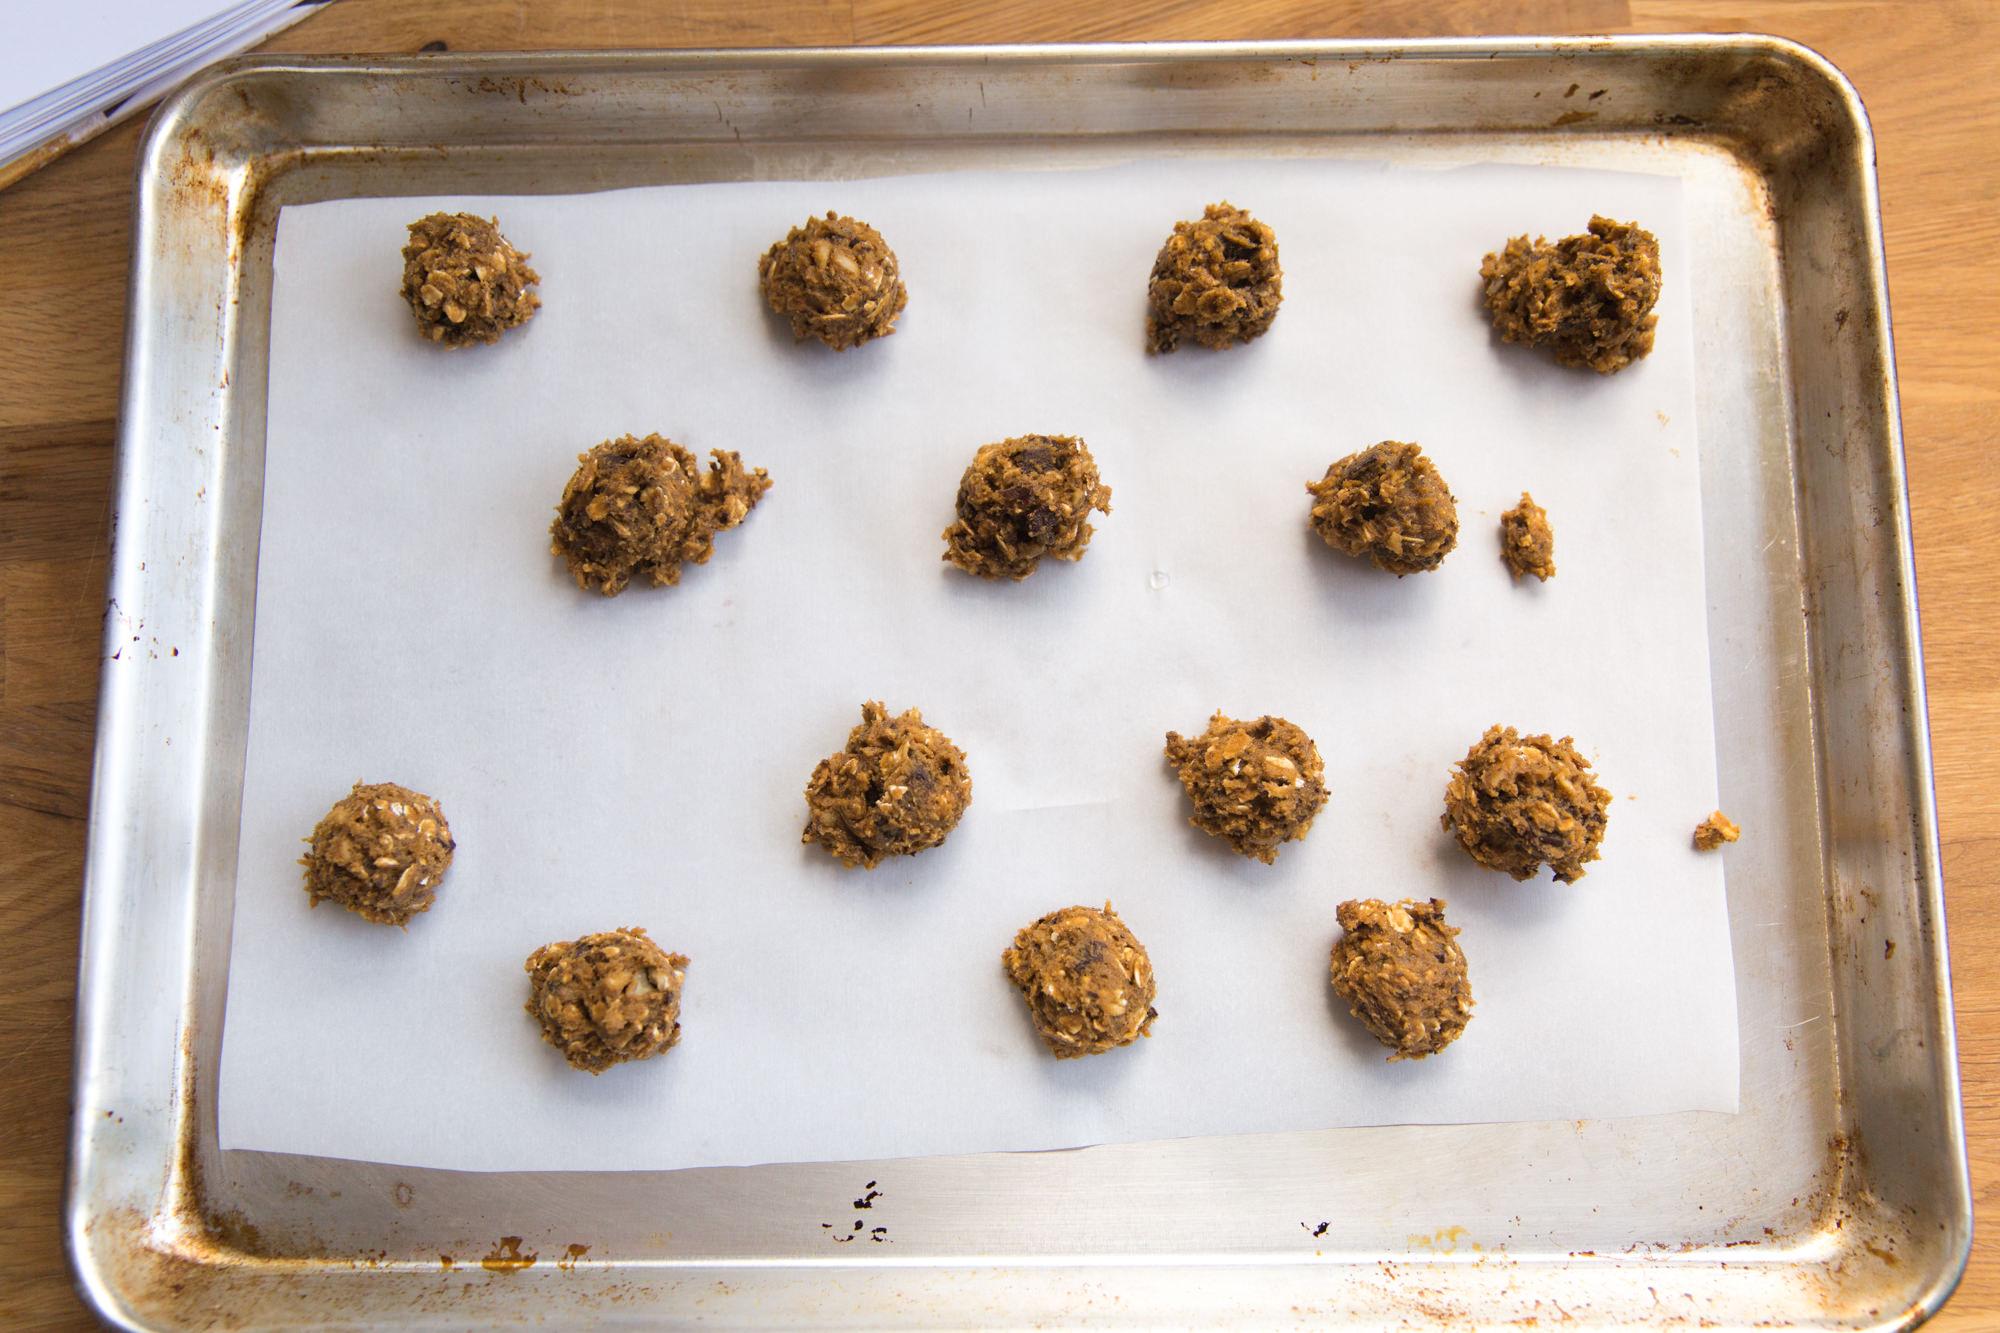 tartine recipe review walnut chocolate chip cookies-13.jpg